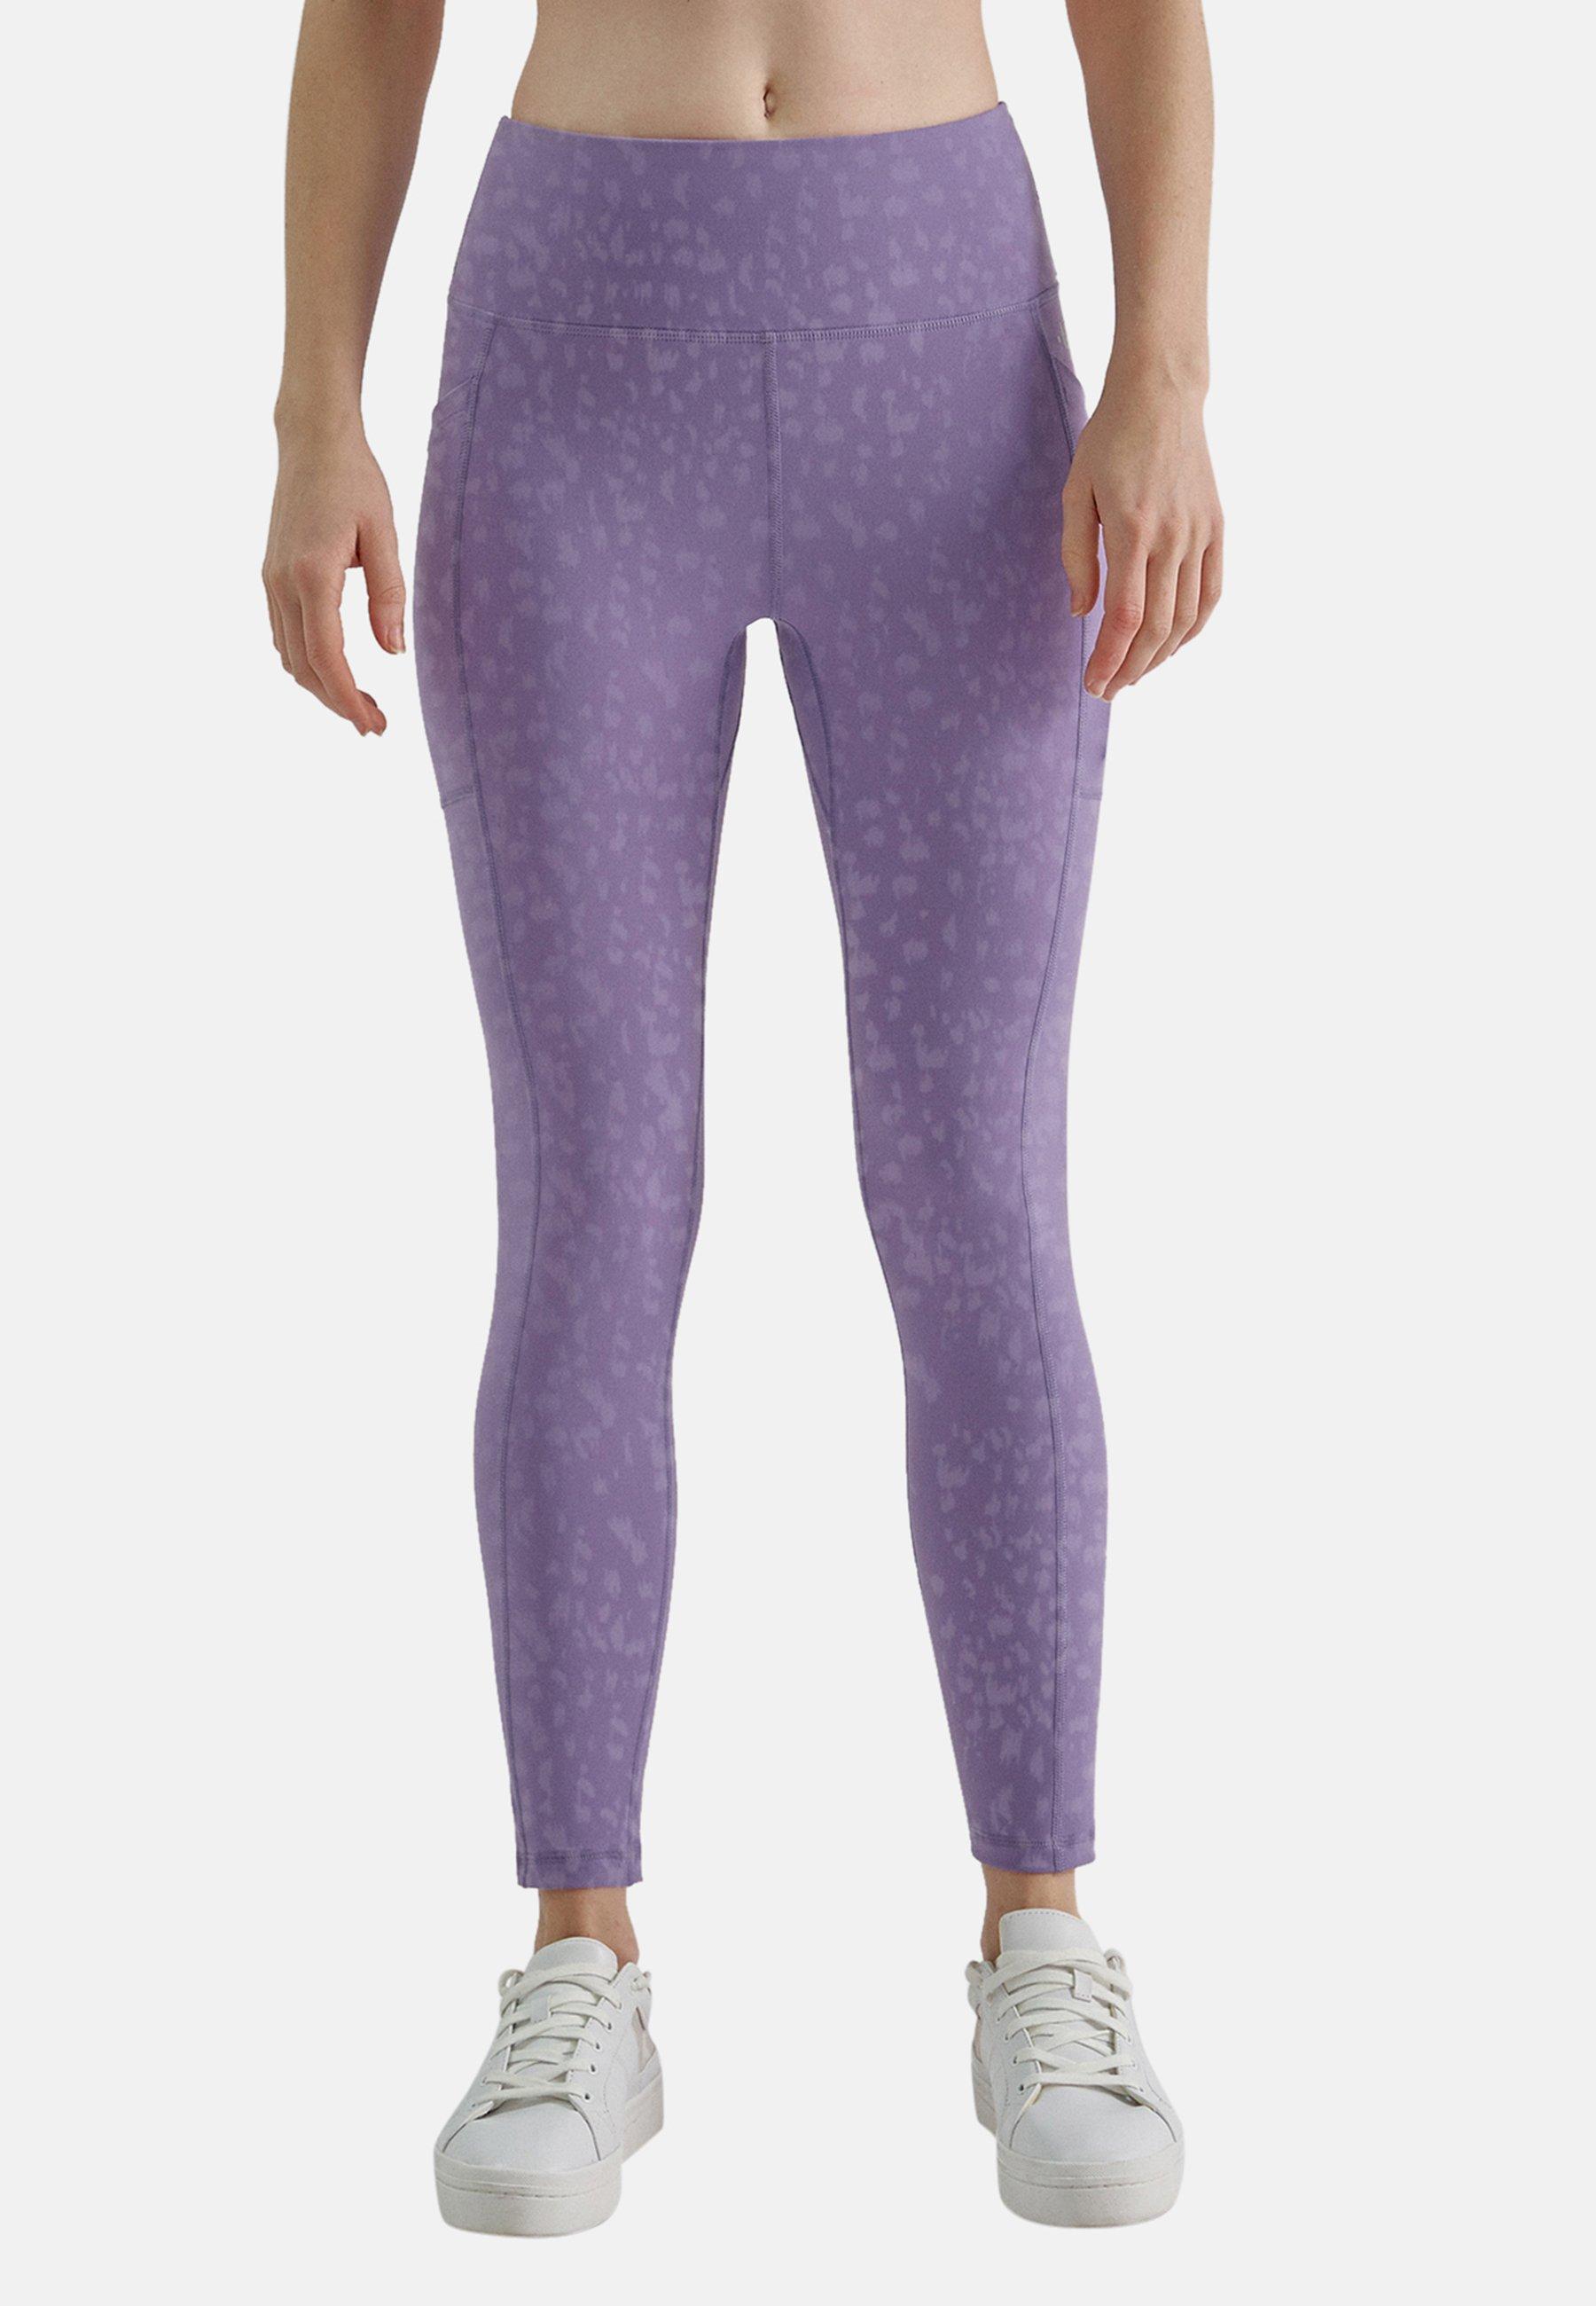 Damen MELLY - Leggings - Hosen